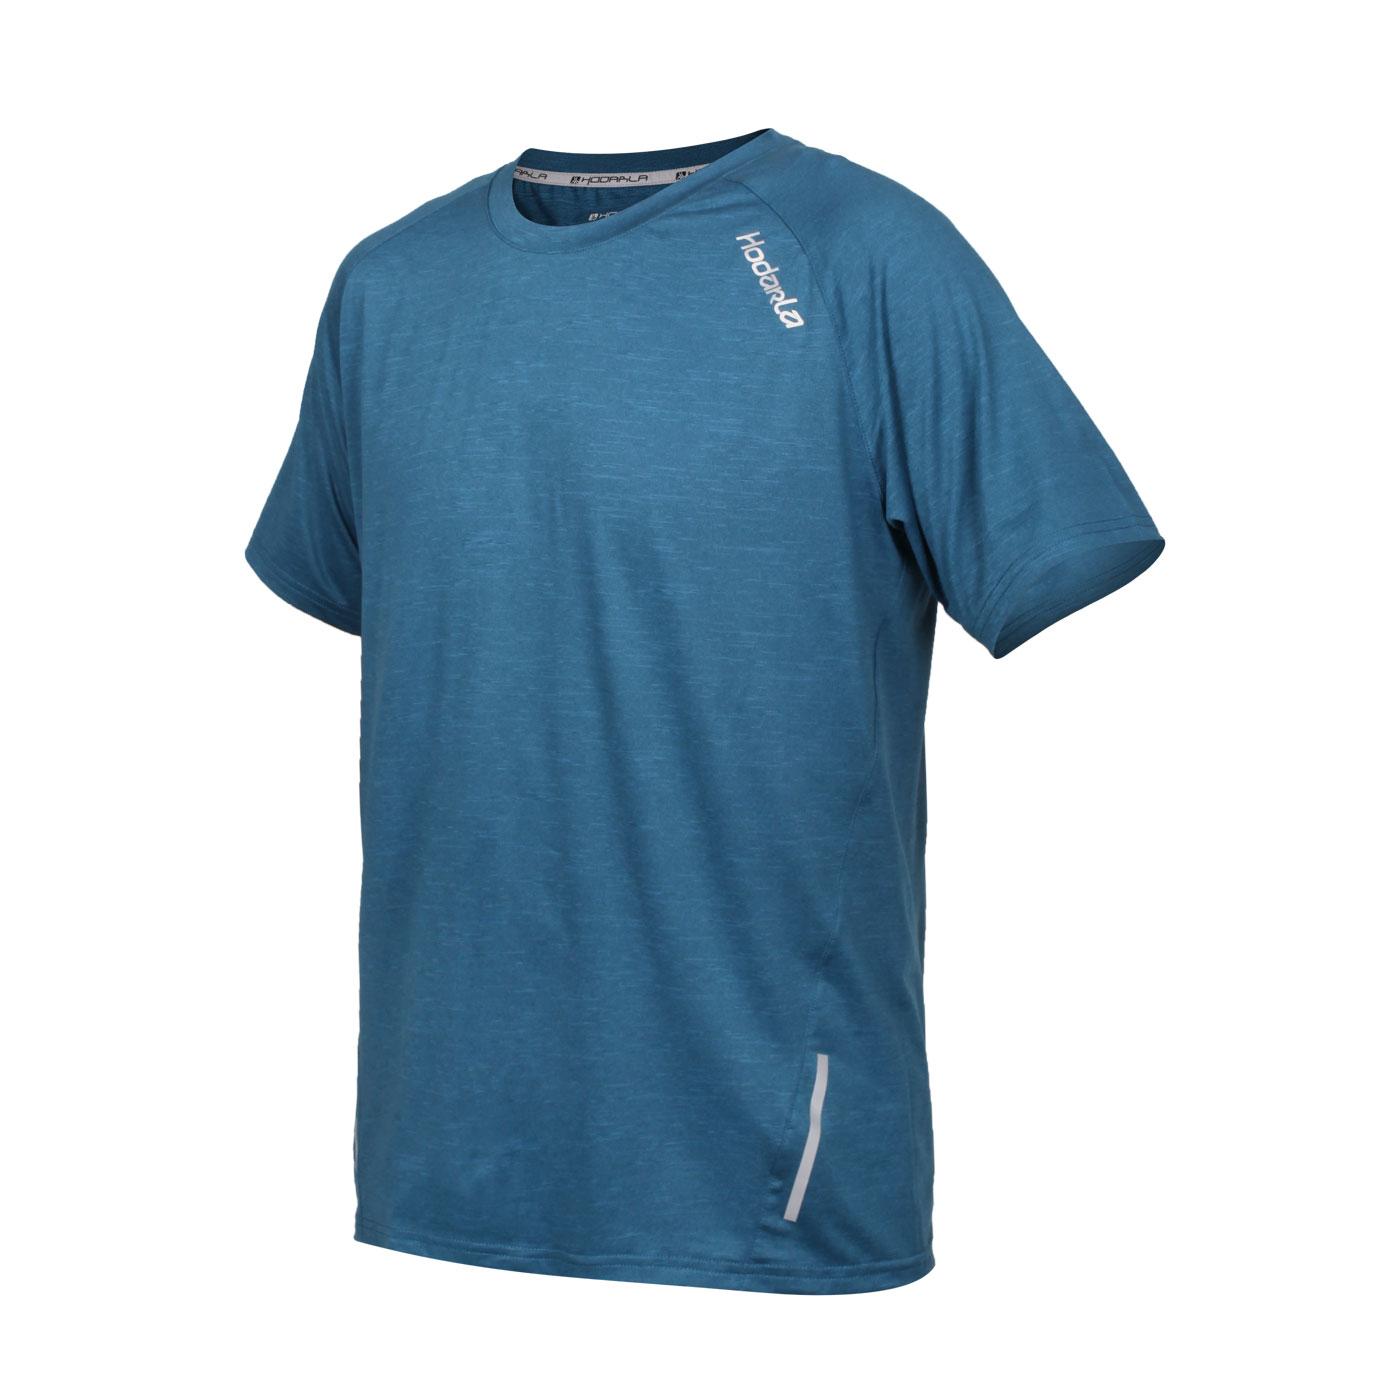 HODARLA 英速剪接短袖圓領衫 3162401 - 麻花藍綠